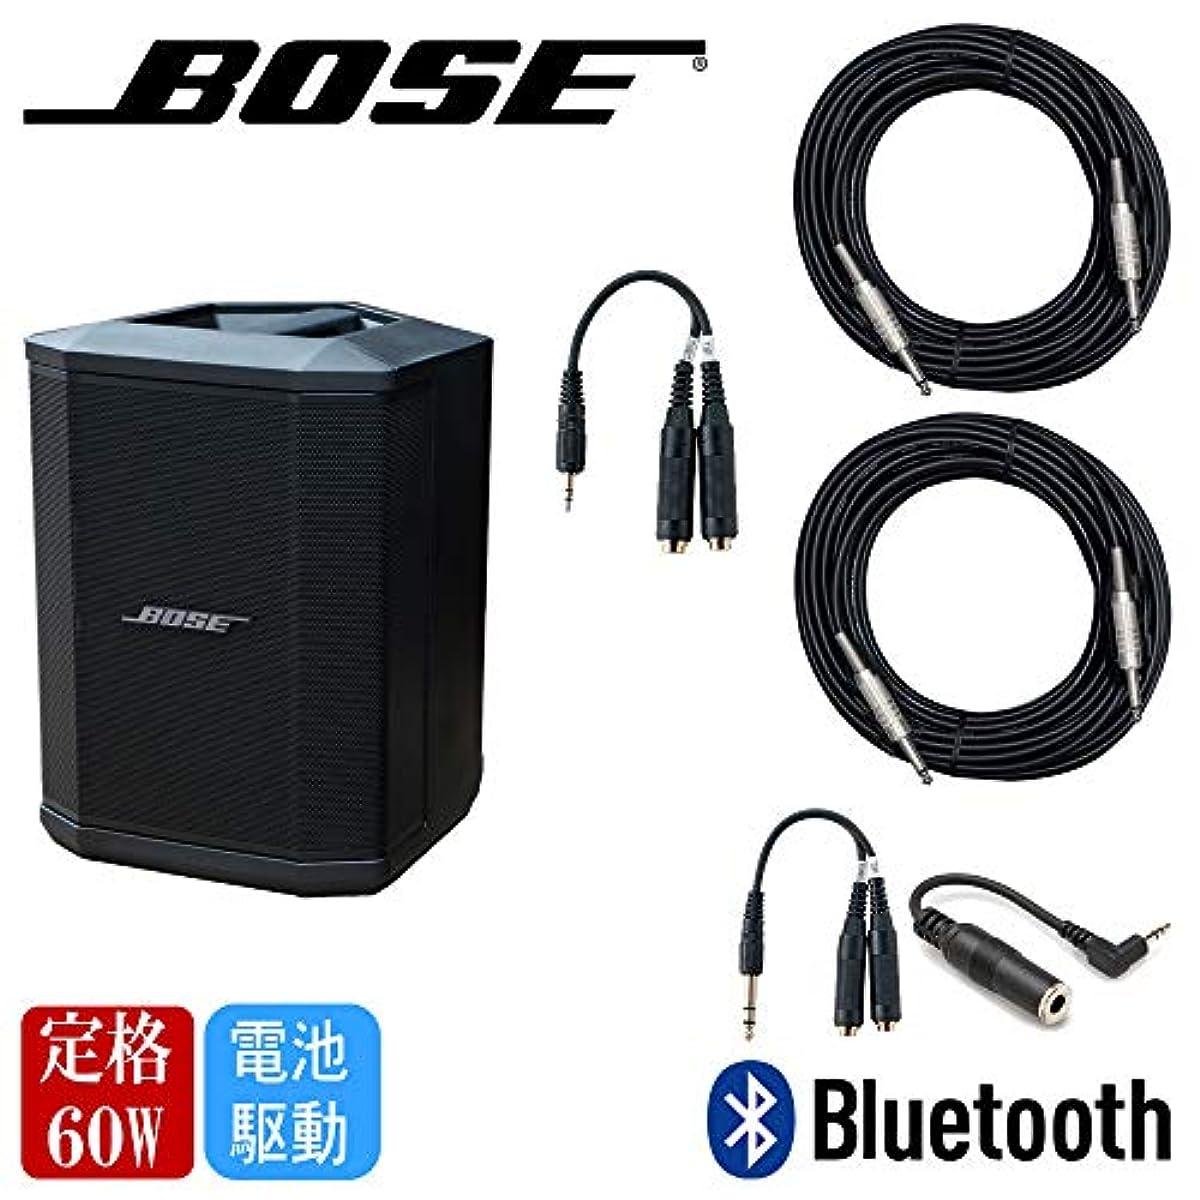 [해외] BOSE S1PRO 키보드나 전자 드럼의 접속에 최적인 케이블&변환 케이블 세트